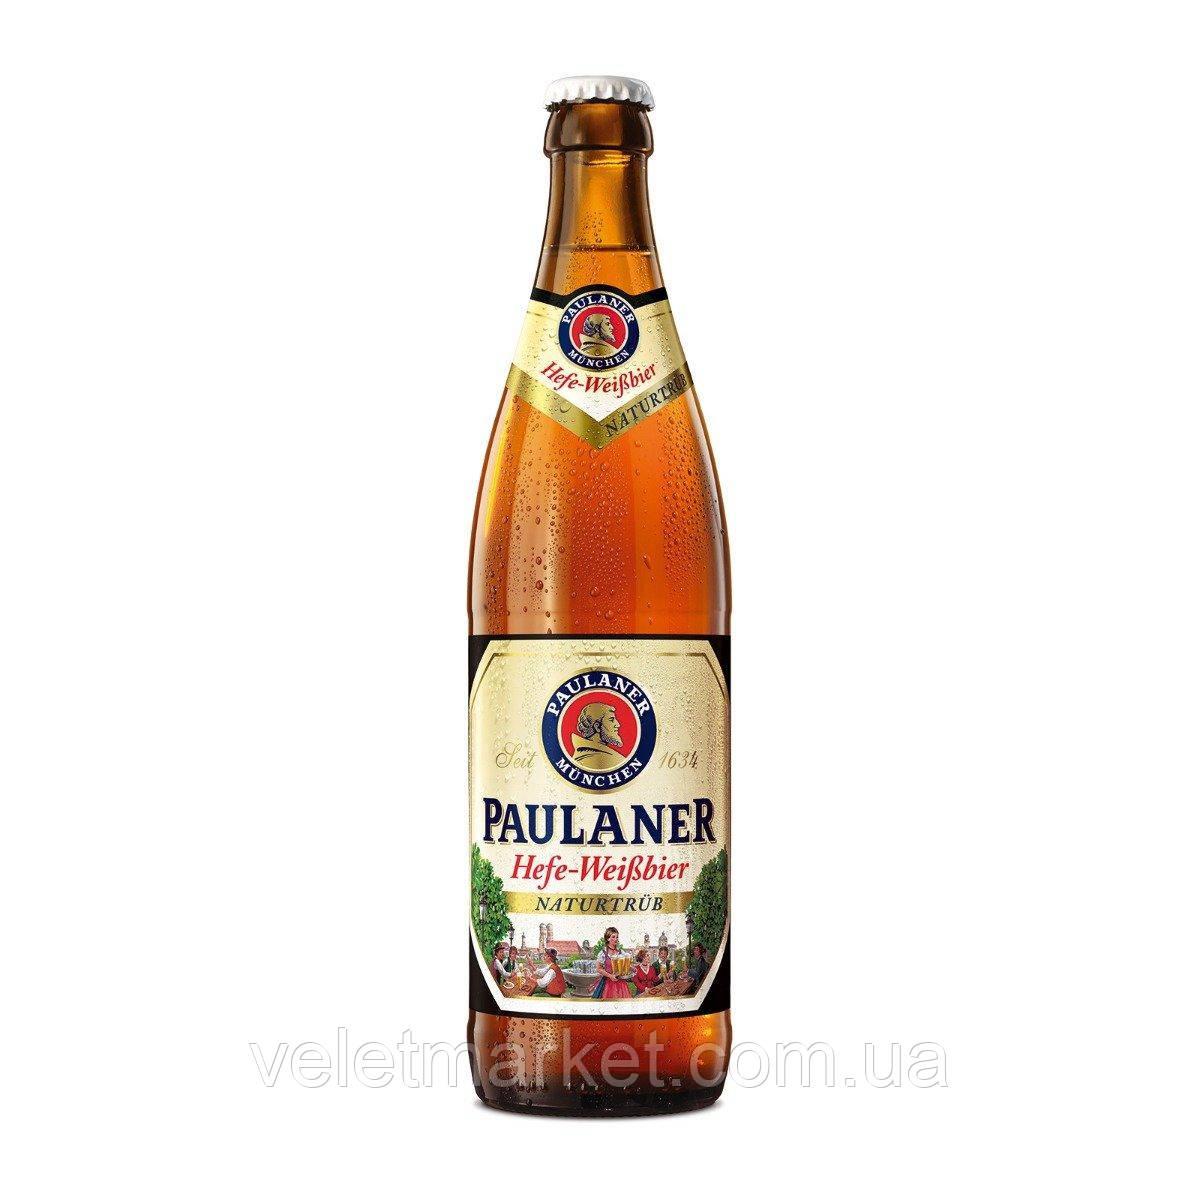 Немецкое пиво Пауланер Хефе-Вайсбир (Paulaner Hefe Weissbier Naturtrub) светлое пшеничное 0,5 л